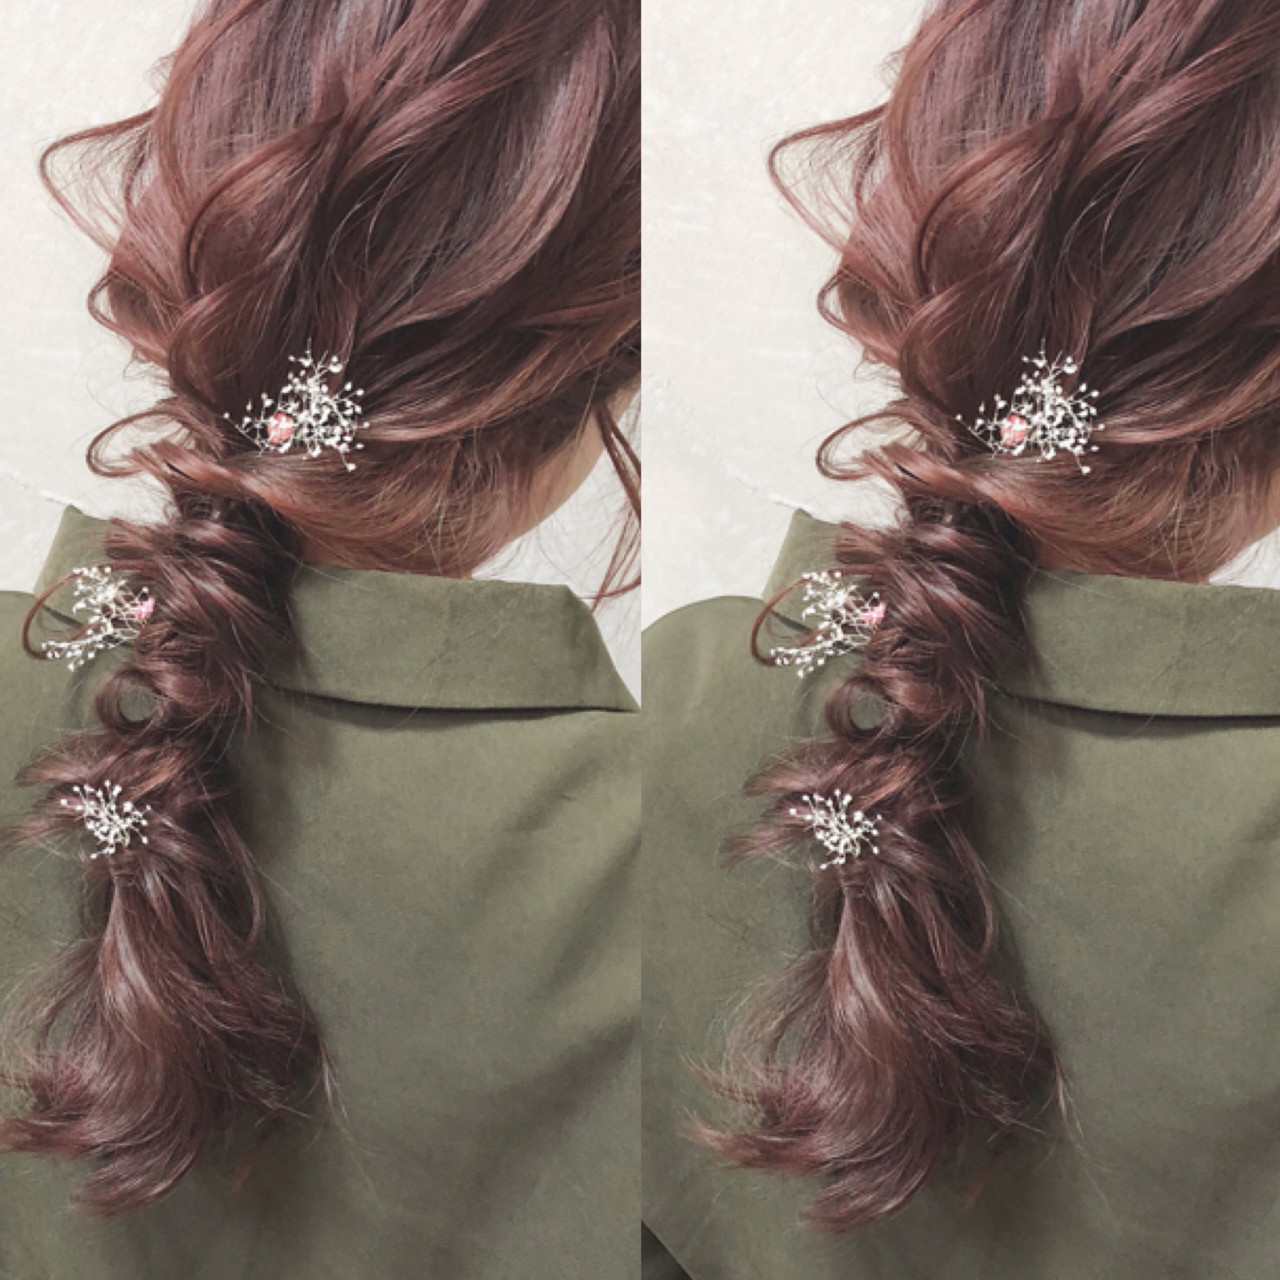 アンニュイほつれヘア 編み込み ナチュラル 大人かわいい ヘアスタイルや髪型の写真・画像